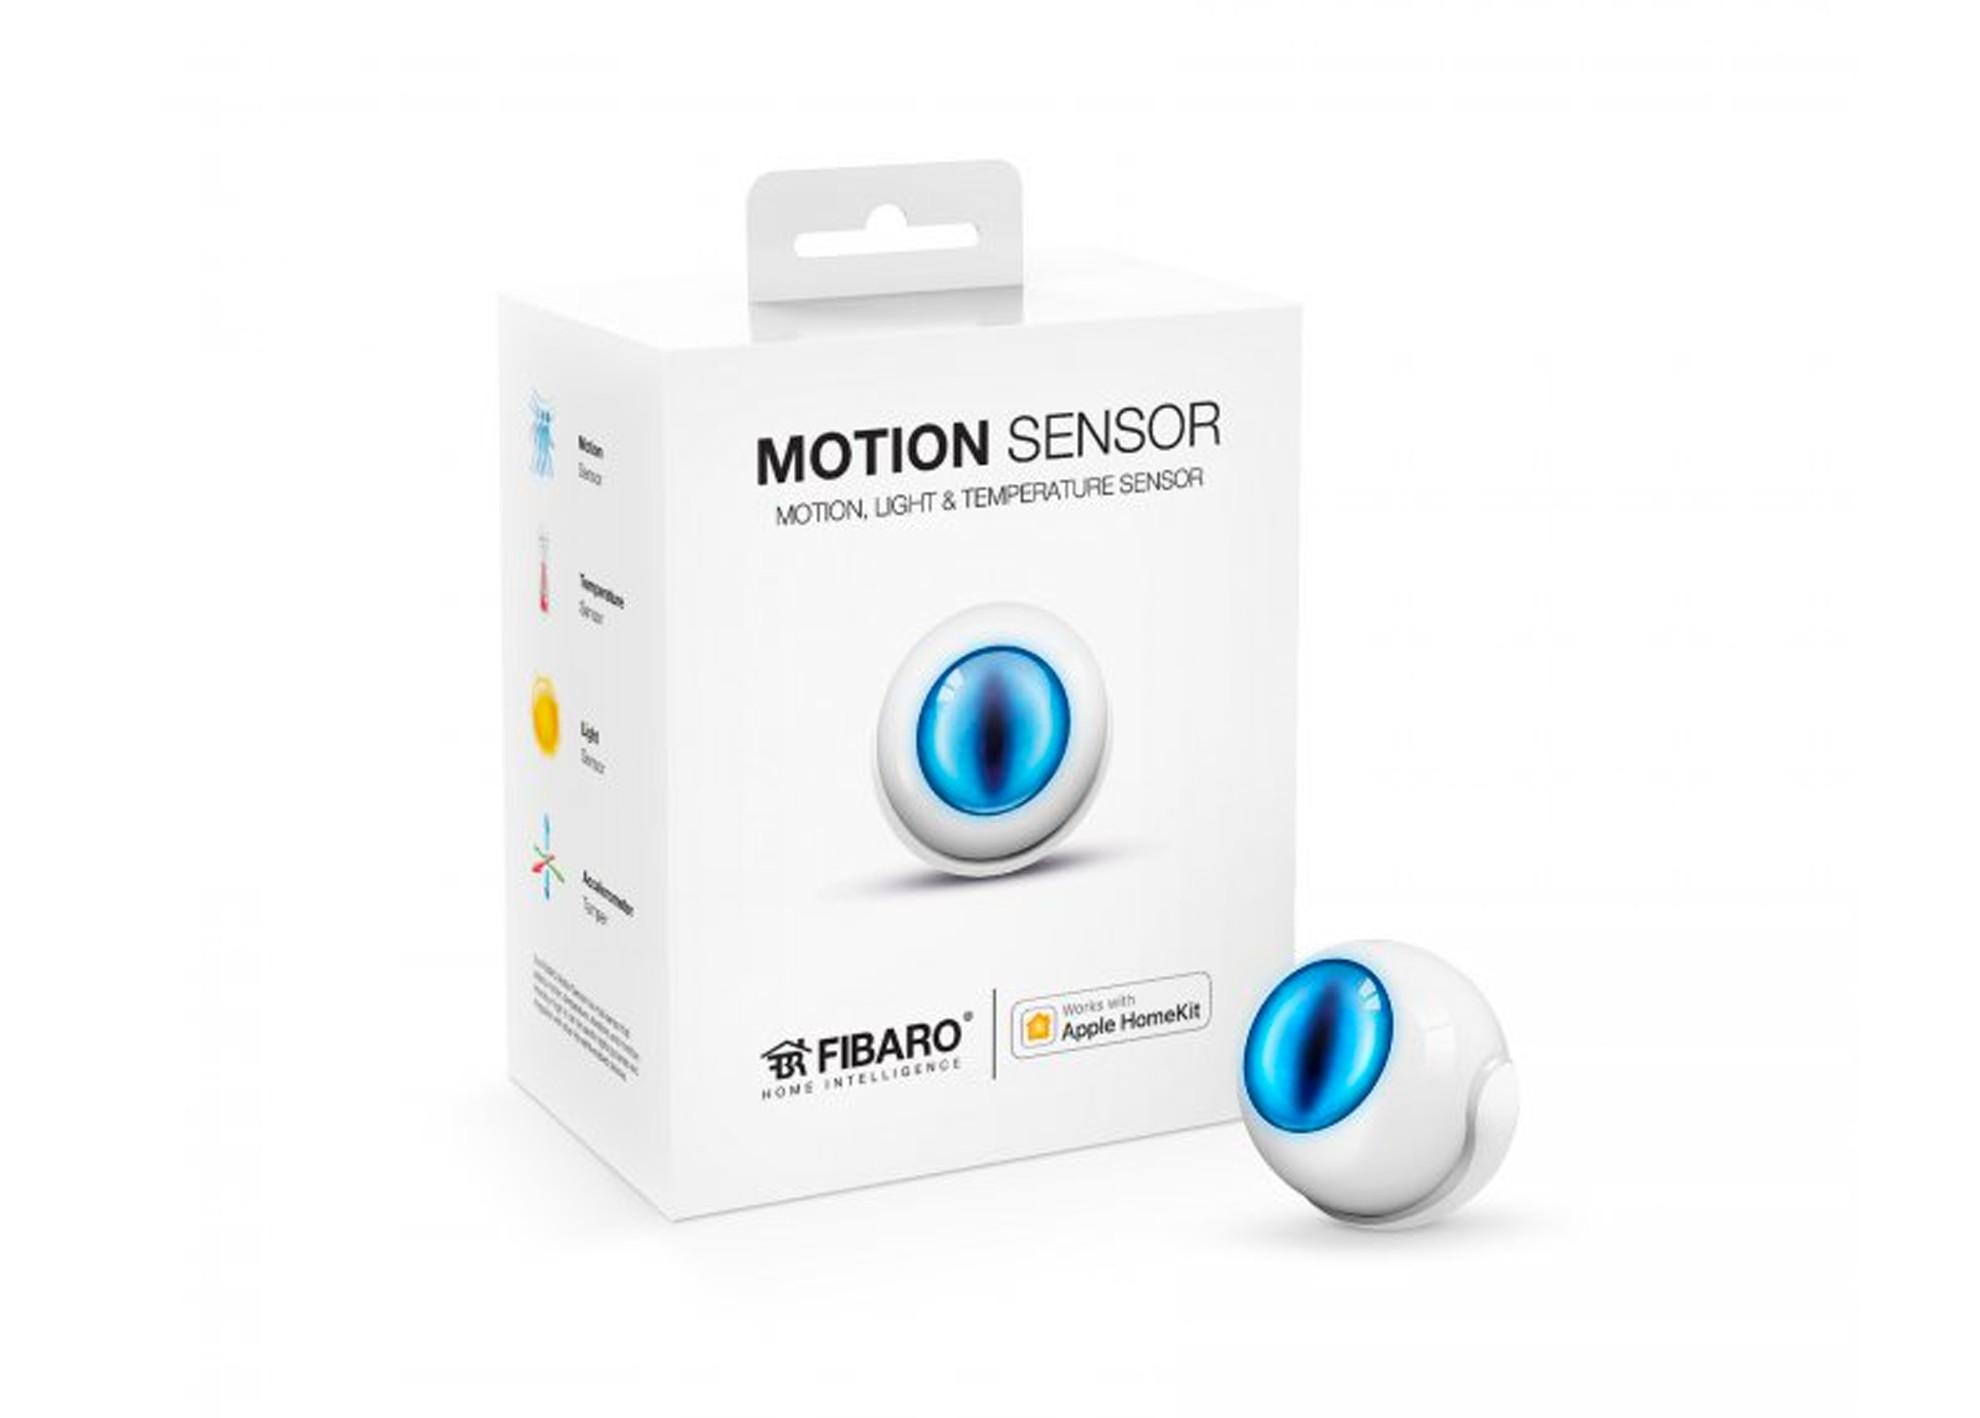 Pohybový senzor Fibaro Apple HomeKit